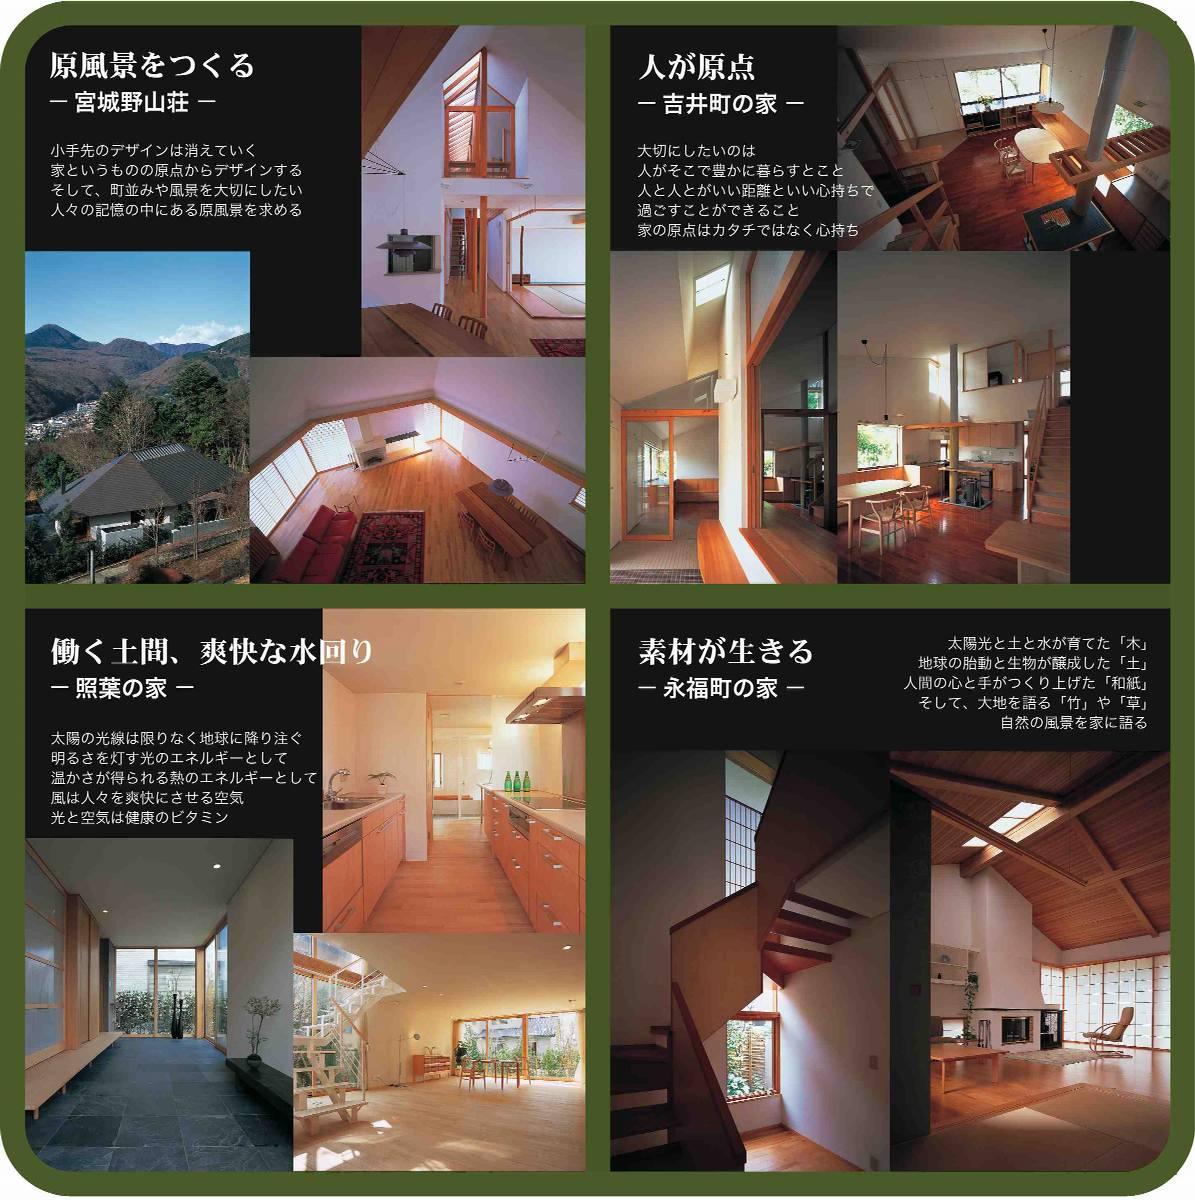 復興住宅、パッシブハウス、エコハウス、自然エネルギー、自然素材、和風、木の家、終の住処、働く土間_d0027290_97418.jpg